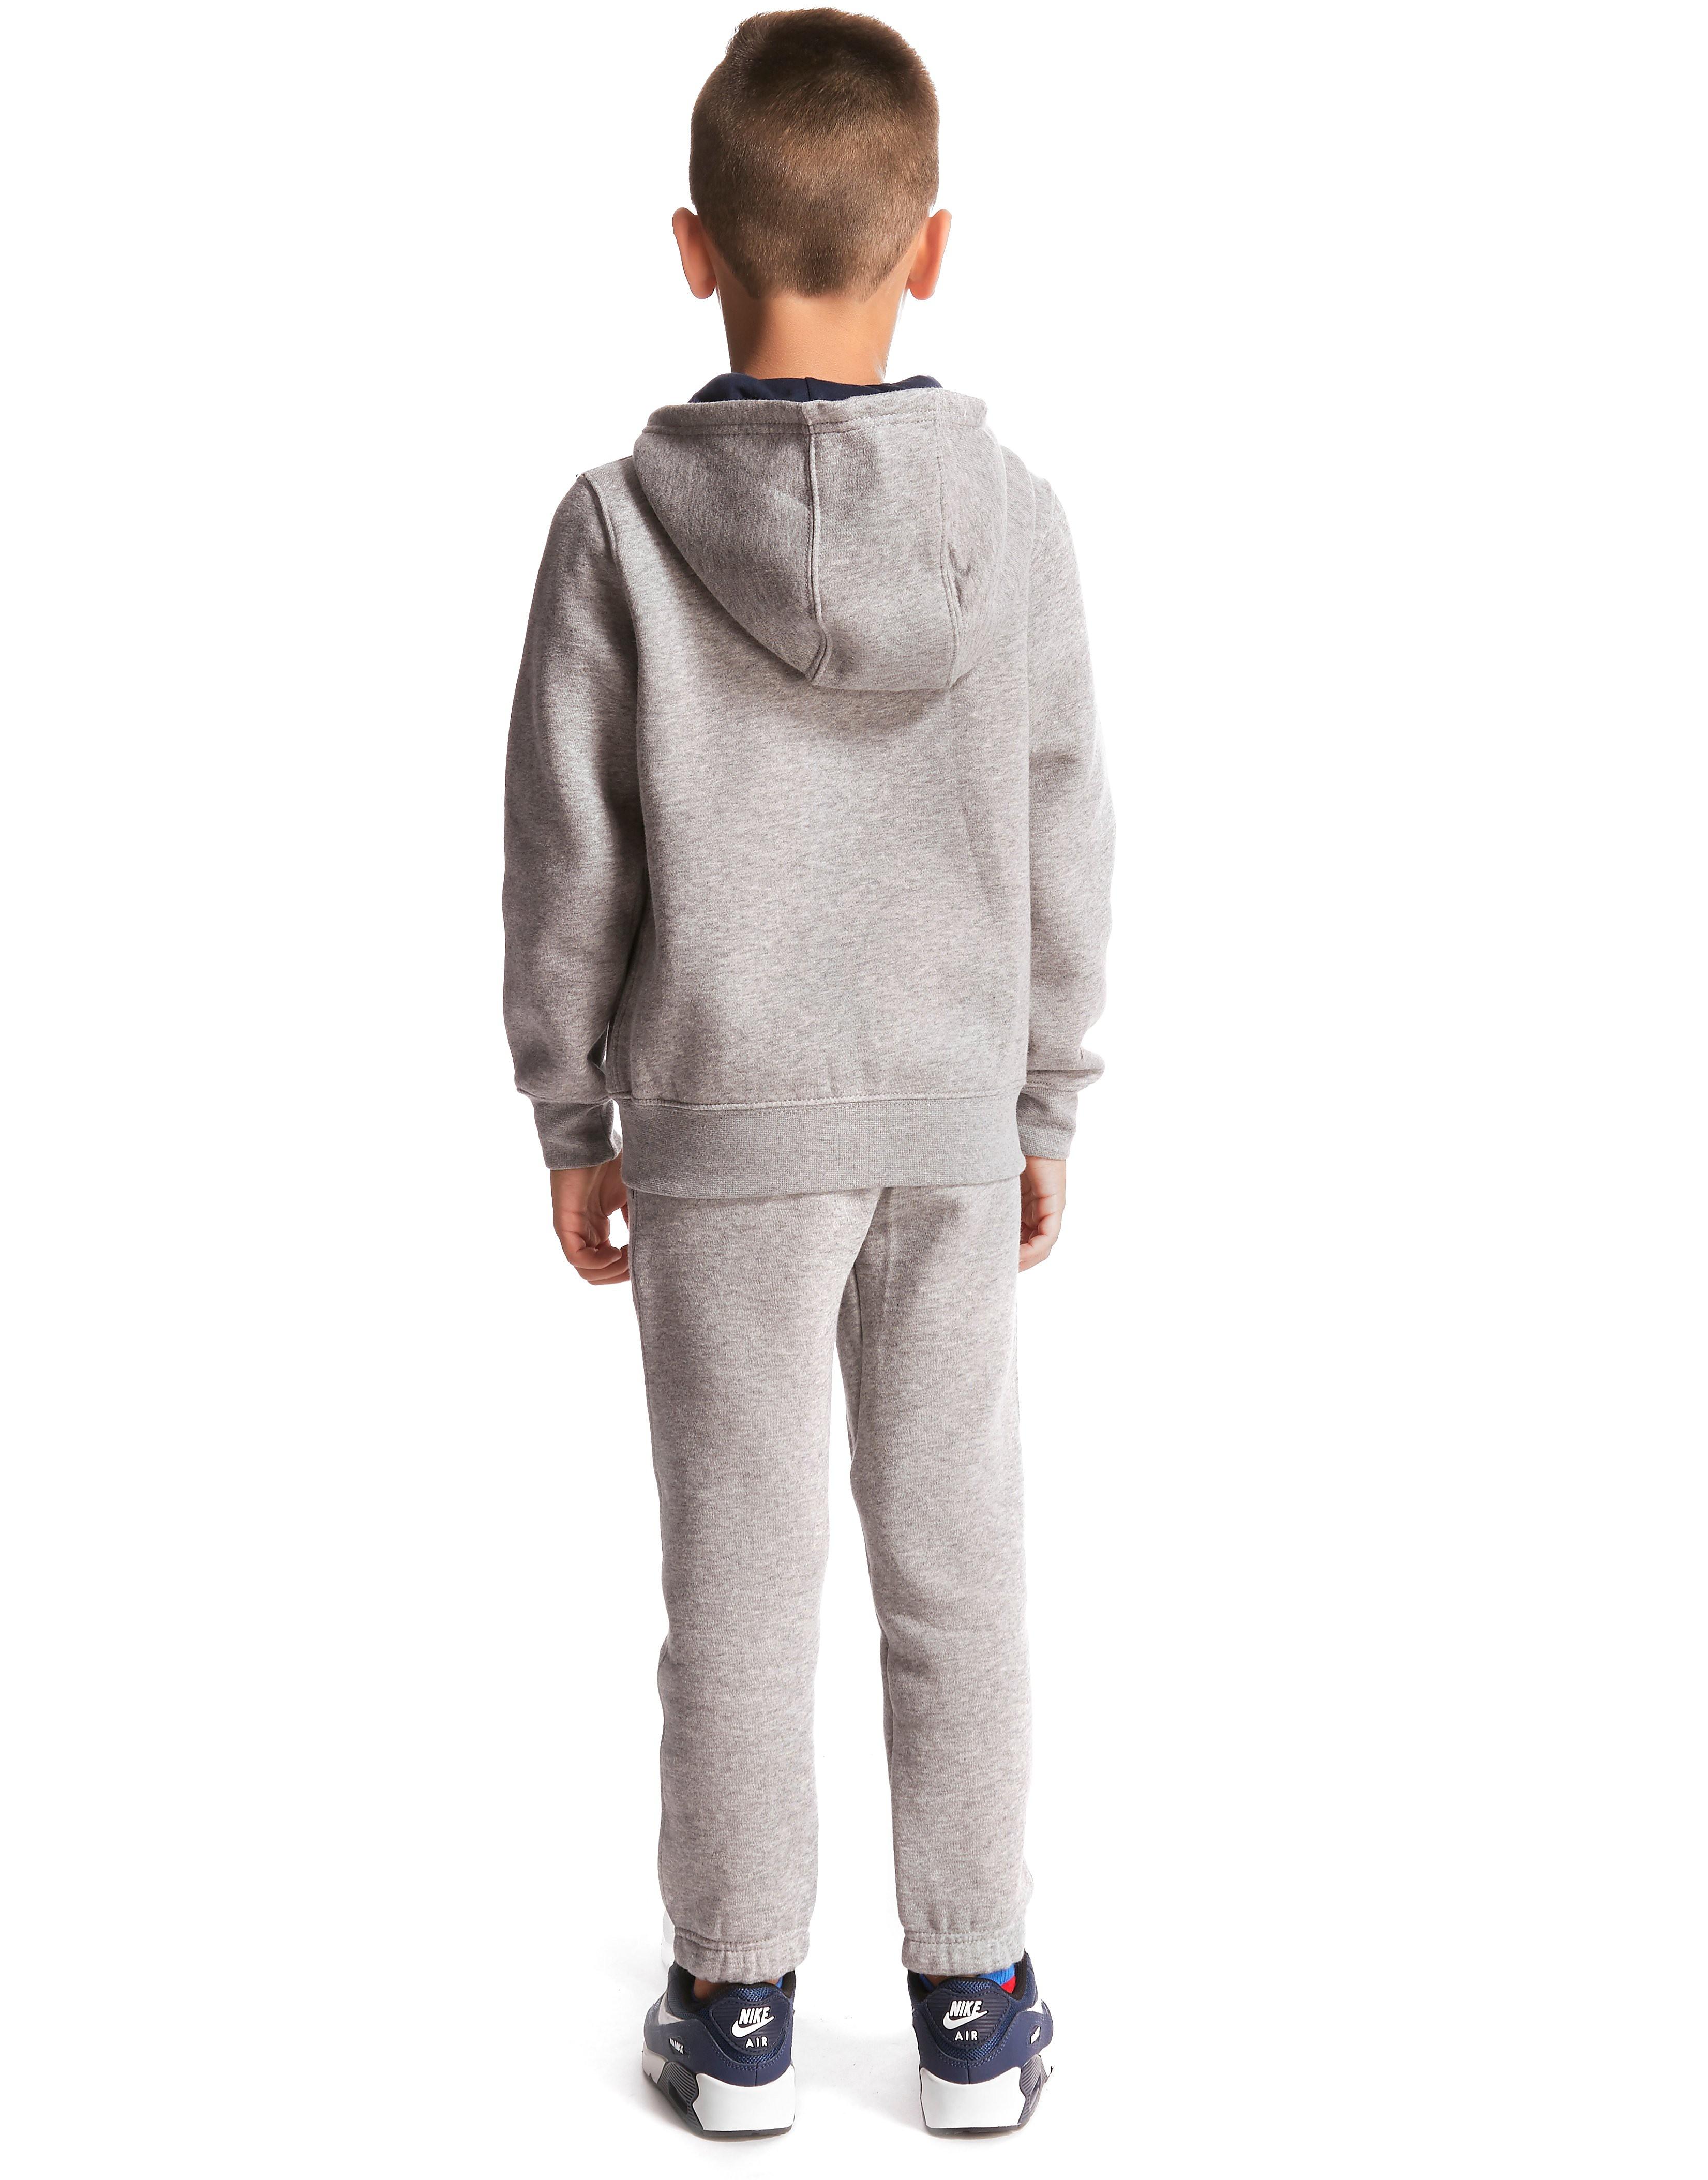 Nike Ensemble Franchise pour enfant